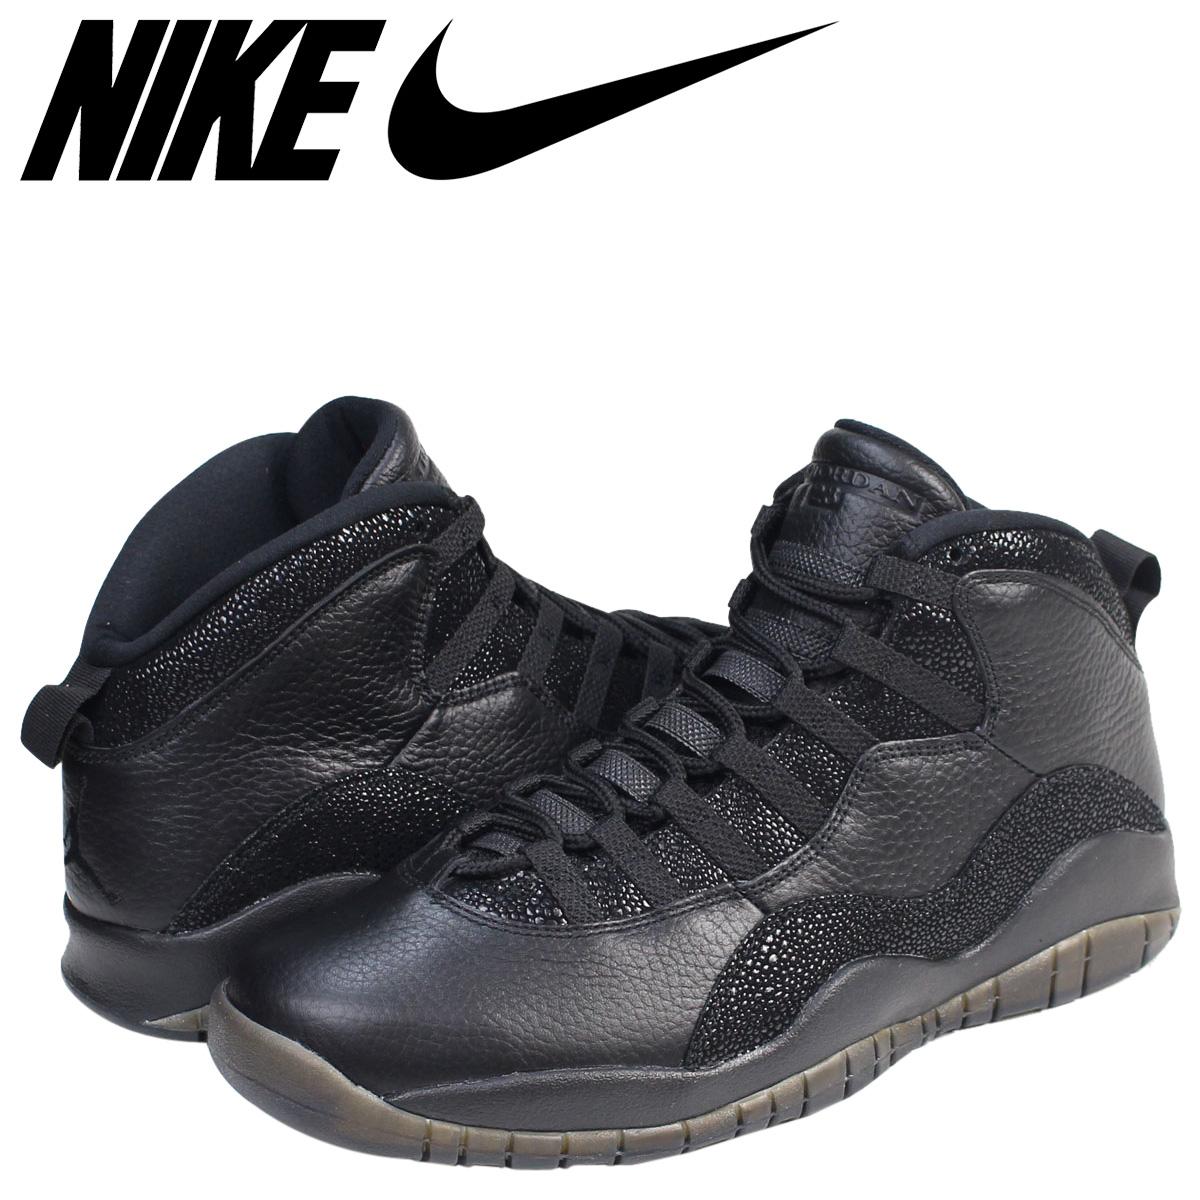 5a2c6bff26c11c Nike NIKE Air Jordan 10 nostalgic sneakers AIR JORDAN 10 RETRO OVO  819